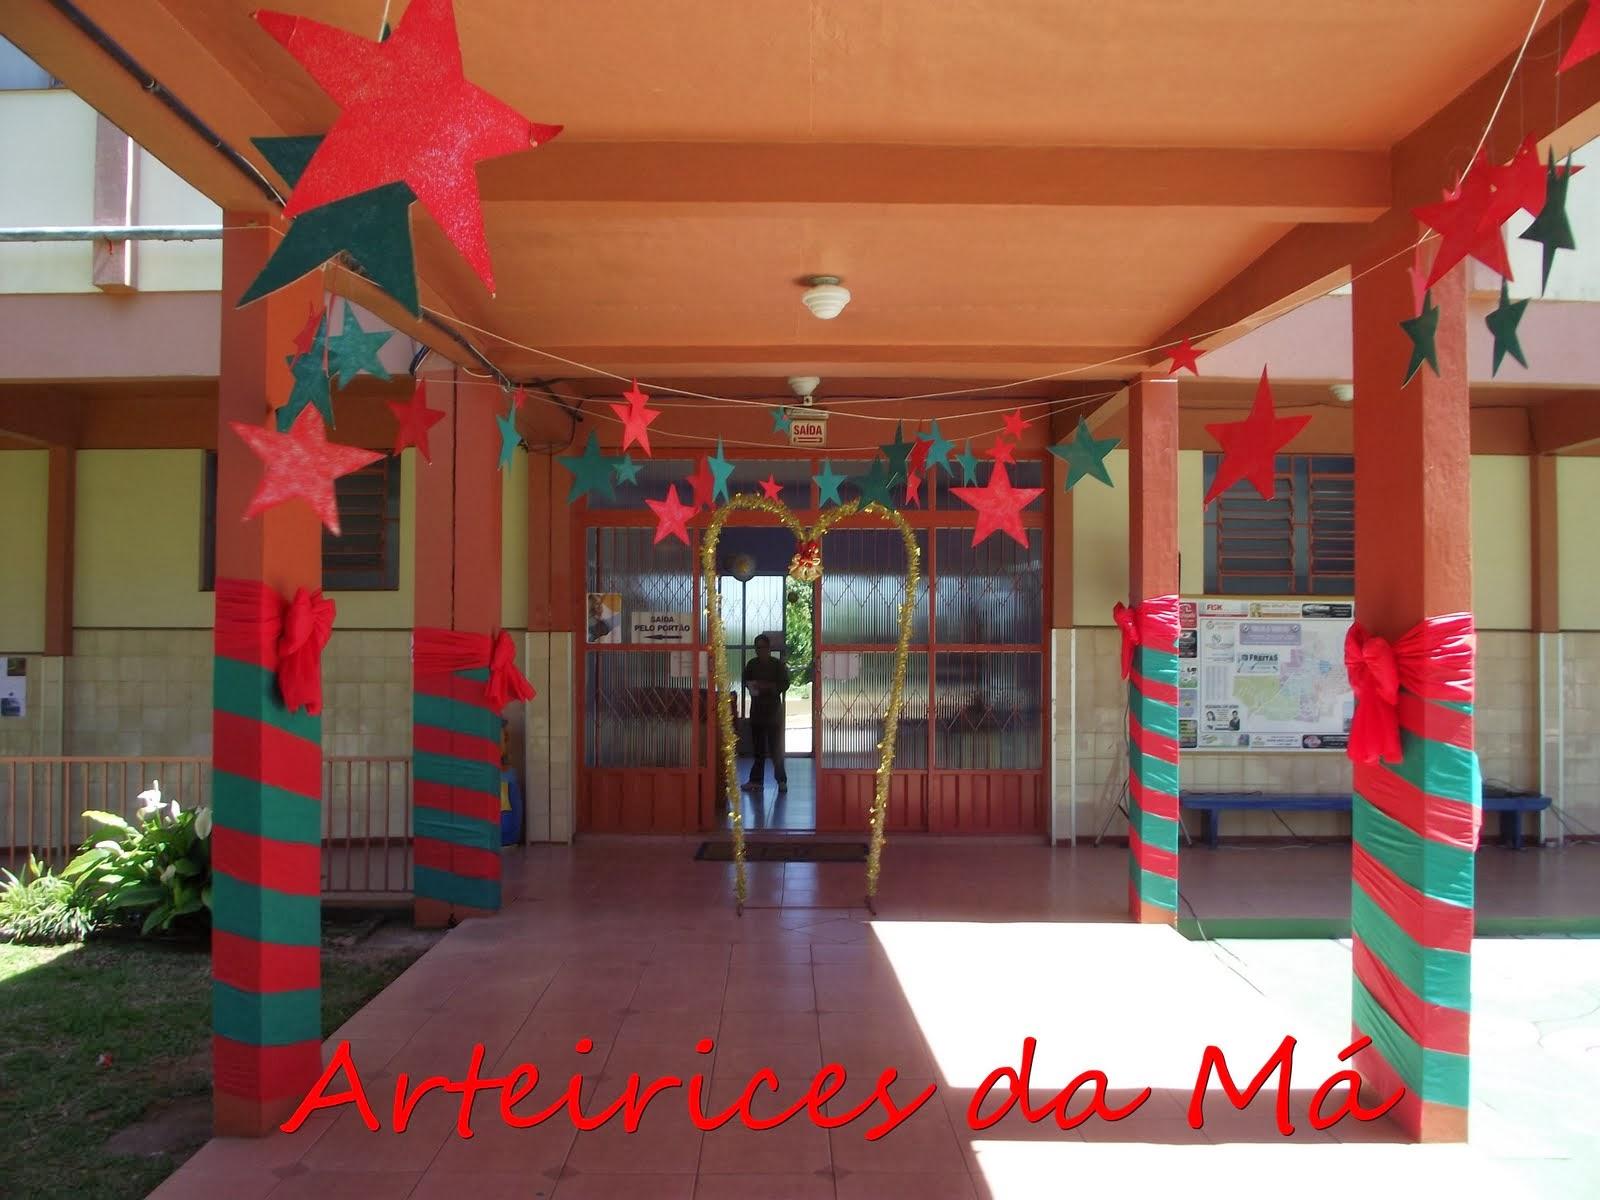 El arte de educar ideas para decorar la escuela en las for Puertas decoradas navidad colegio